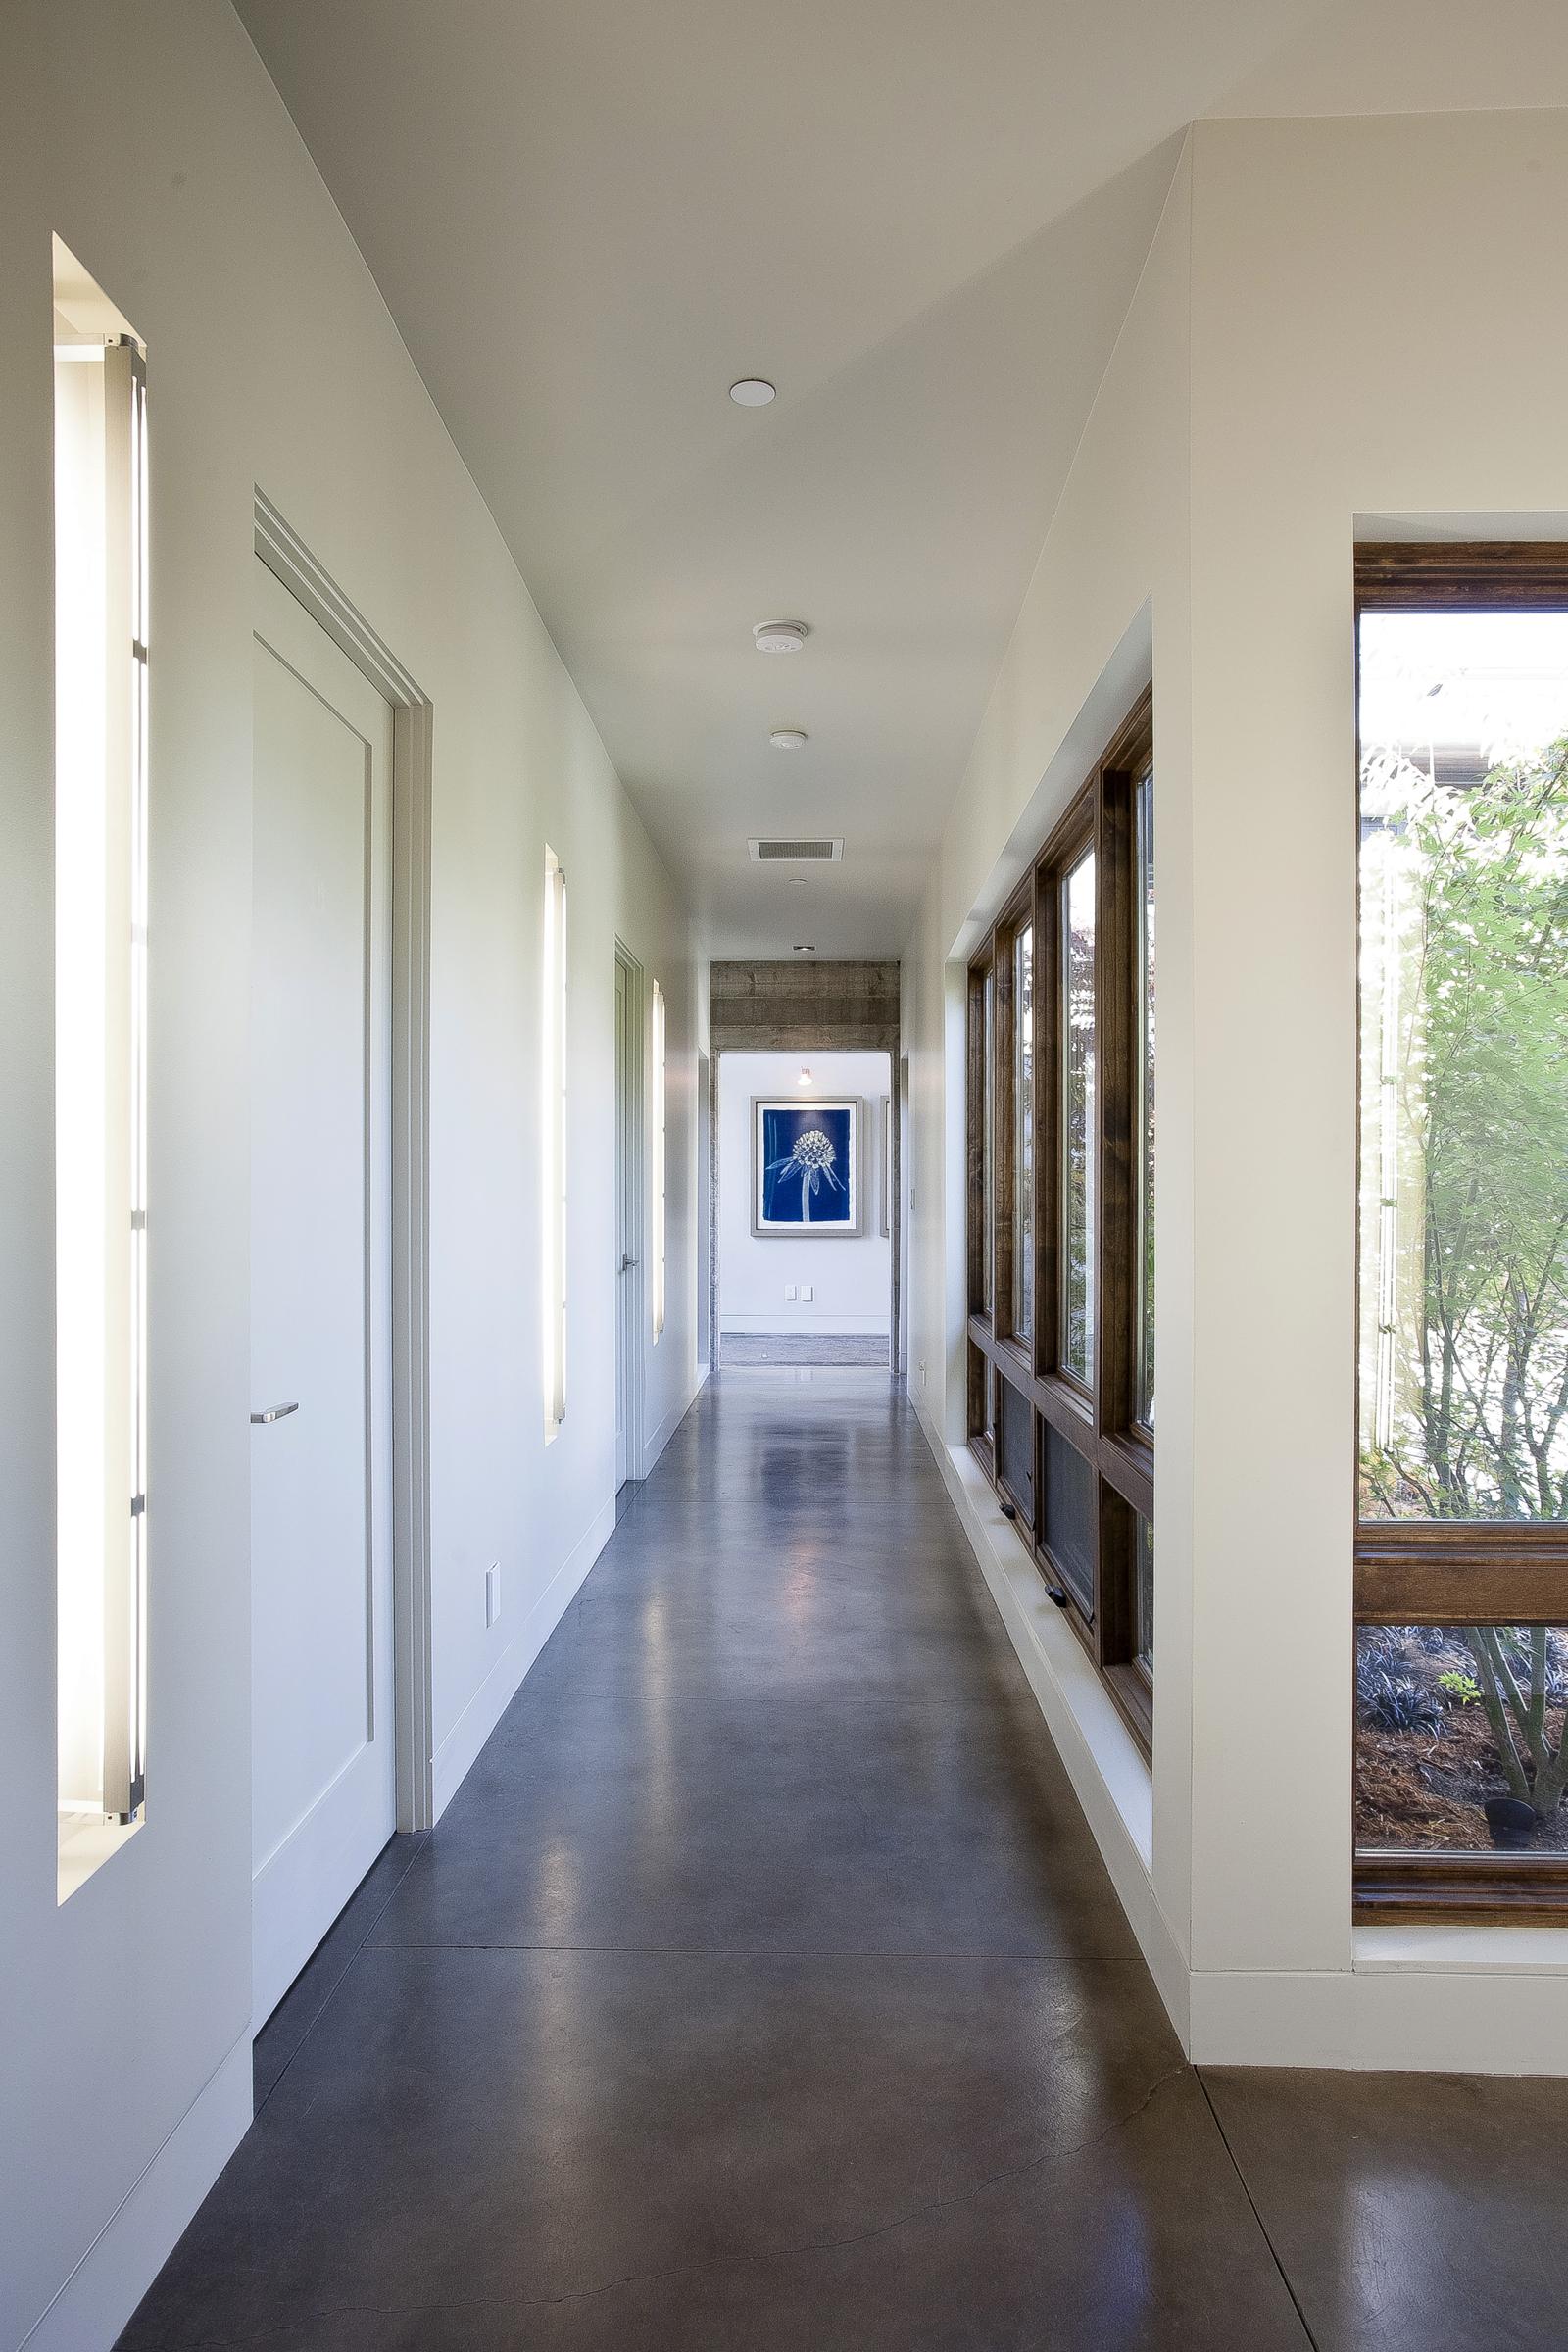 14-471 S. Clark Hallway 2.jpg